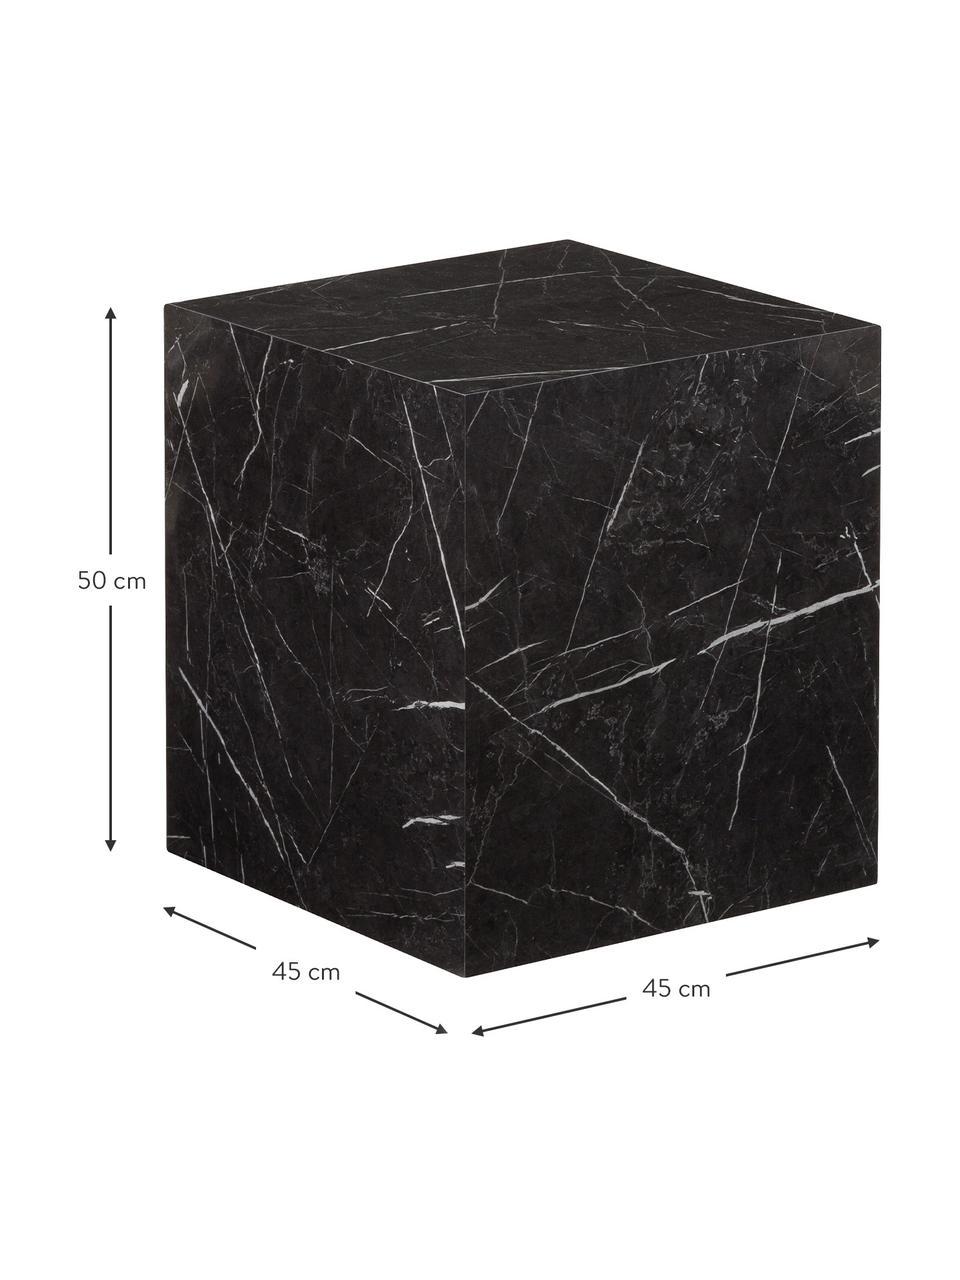 Beistelltisch Lesley in Marmor-Optik, Mitteldichte Holzfaserplatte (MDF), mit Melaminfolie überzogen, Schwarz, Marmor-Optik, 45 x 50 cm